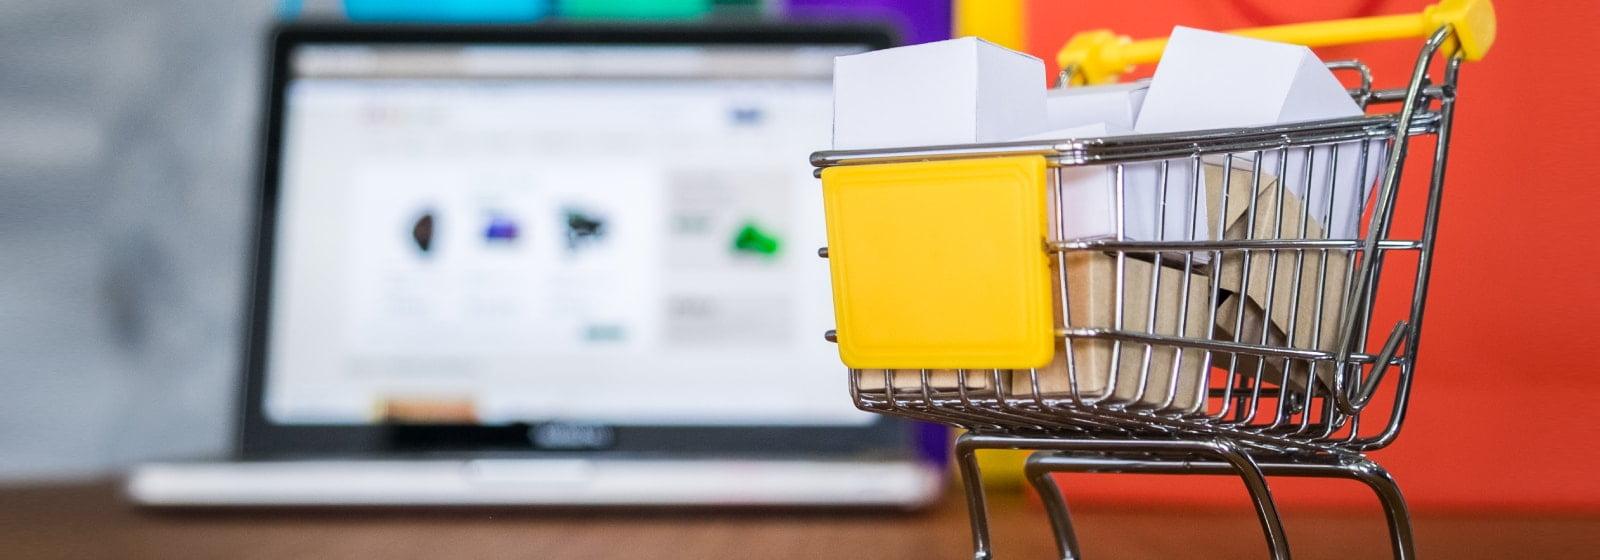 بازاریابی آنلاین به بازاریابی آفلاین